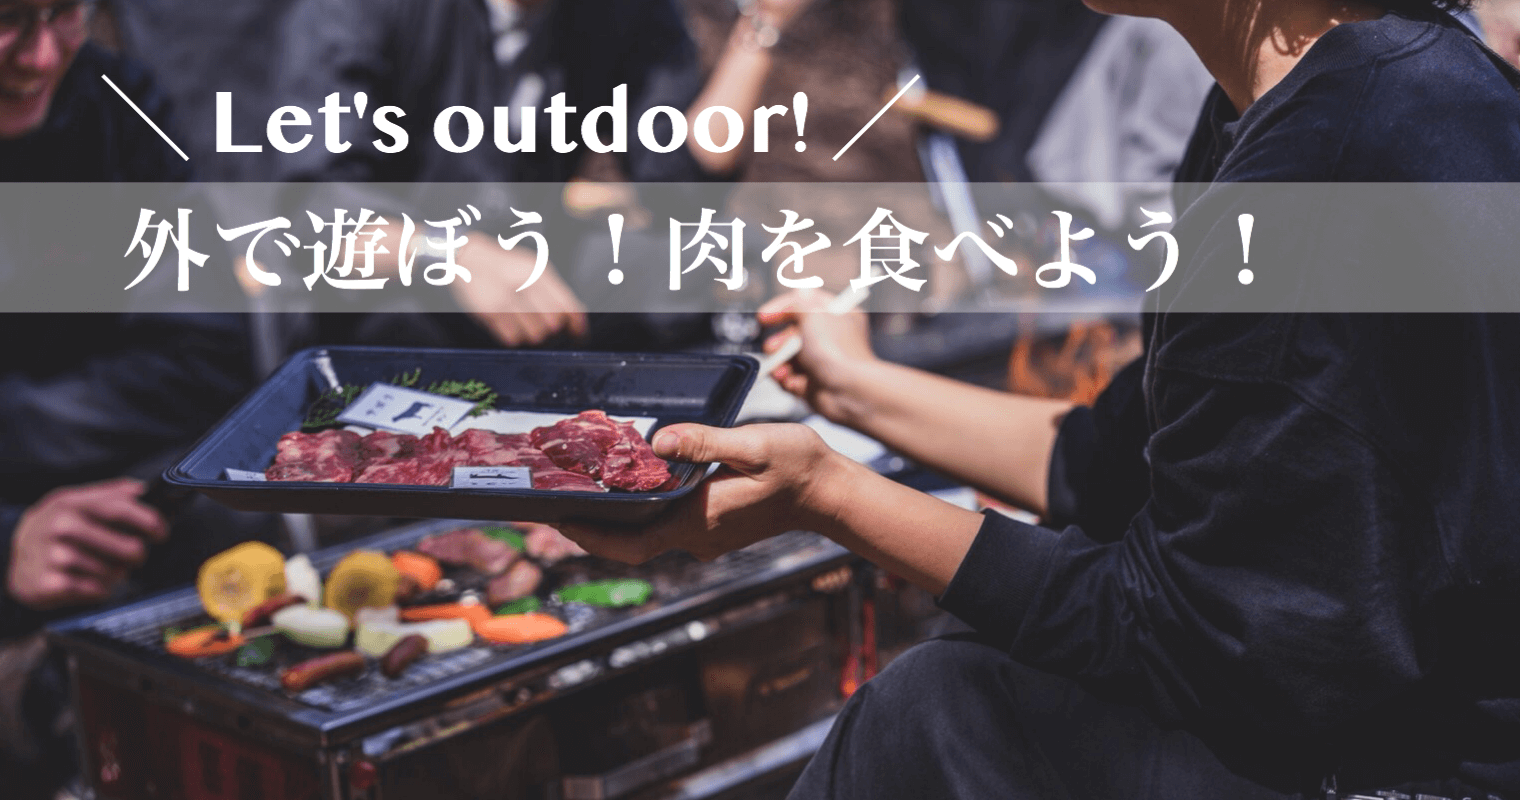 外で遊ぼう!肉を食べよう!